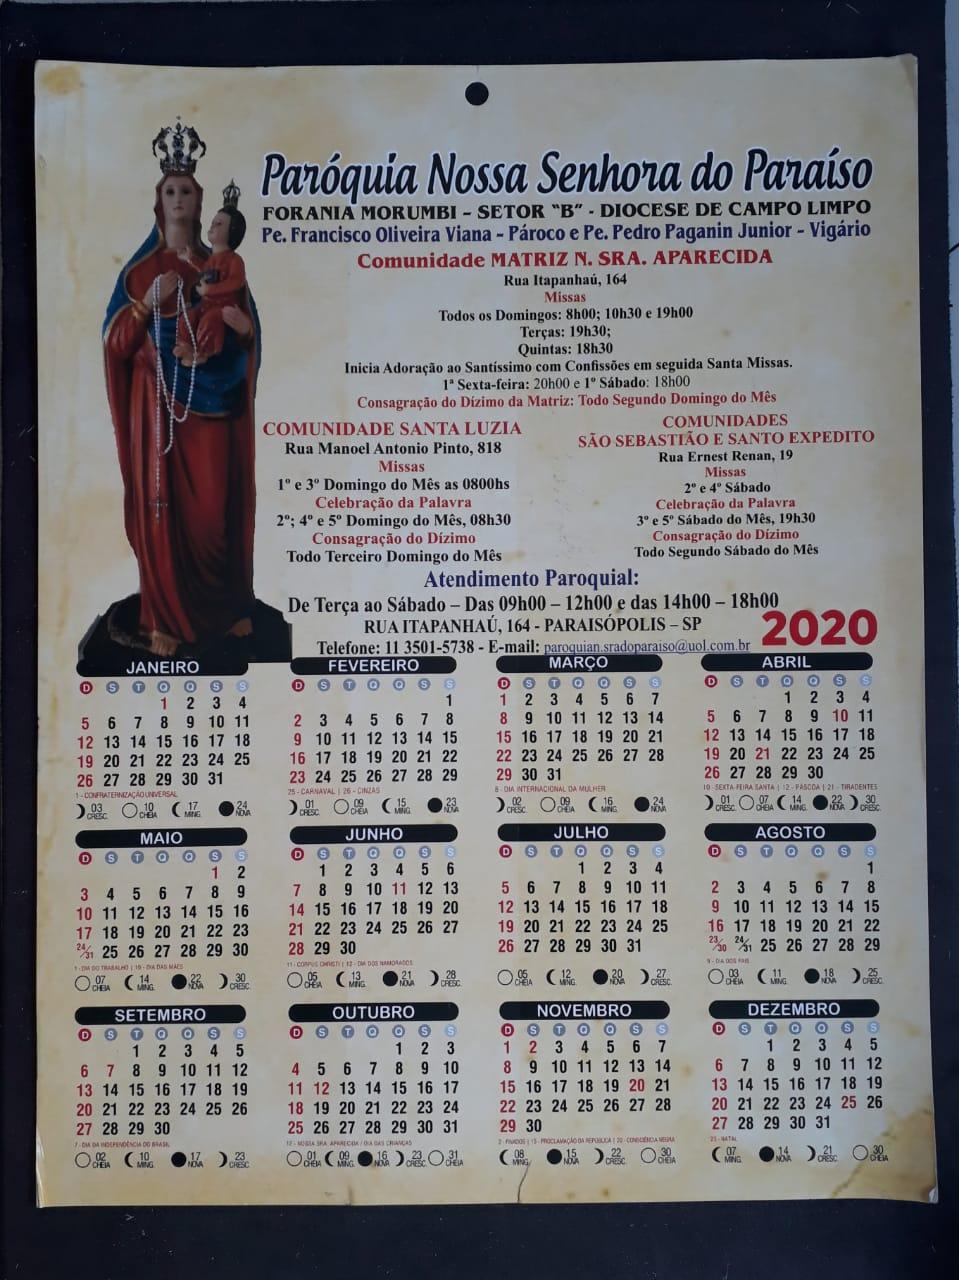 MP08 - Calendario 2021 Personalizado 4X0 - 248x358mm em Couché Brilho 250g - Verniz Total Brilho Frente - Furo 7mm c/1.000  - VindVedShop - Distribuidora Catolica